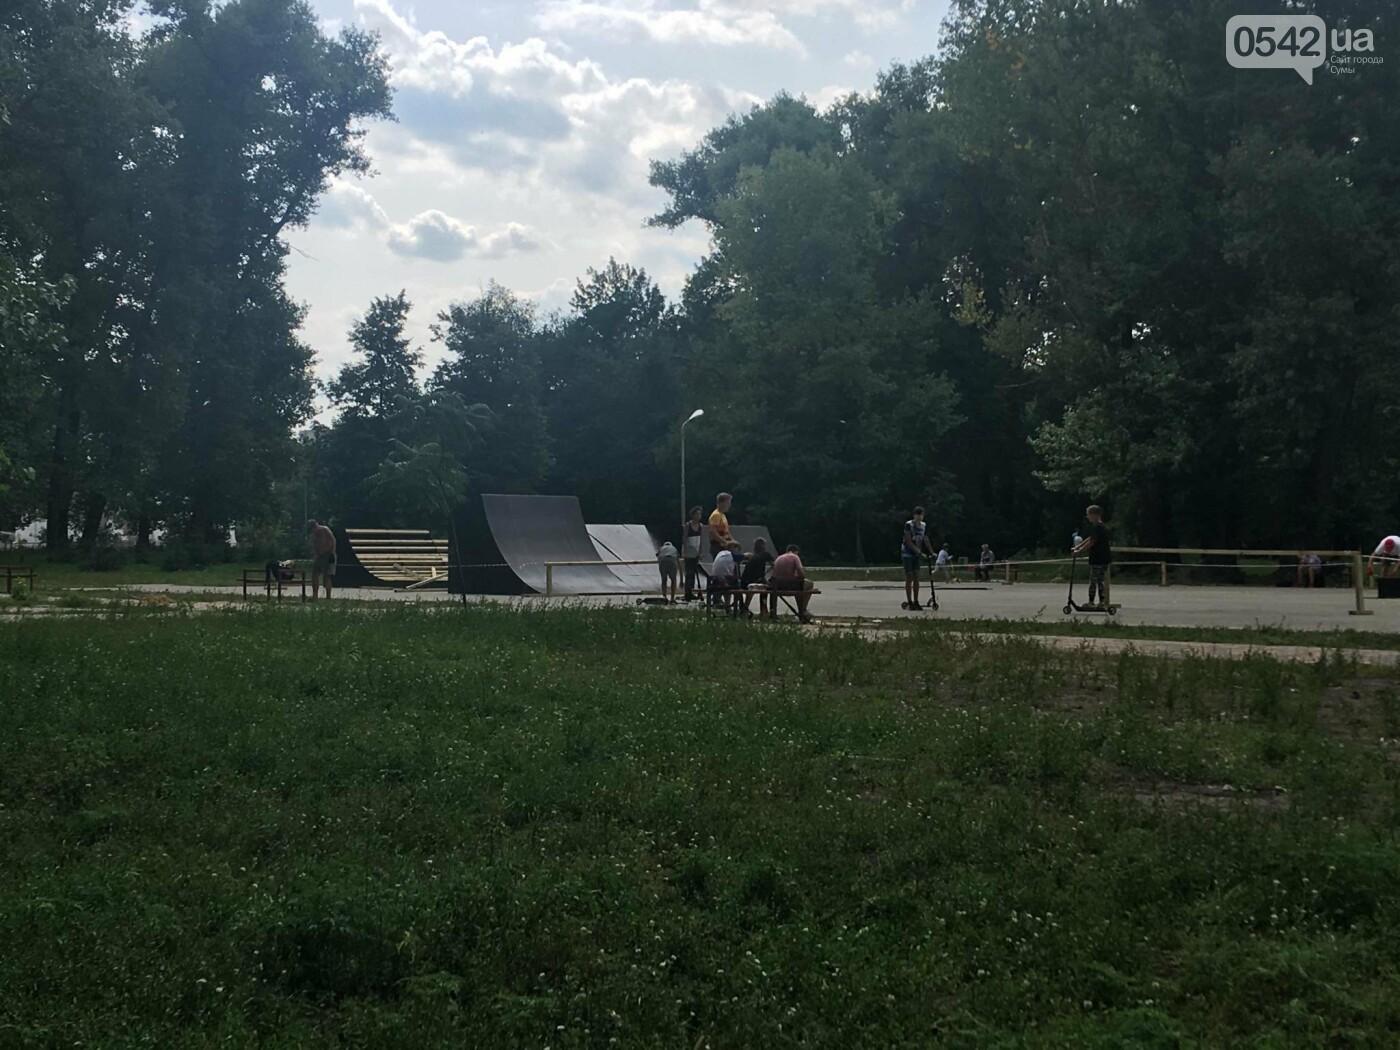 У міському парку у Сумах невдовзі завершать будівництво скейт-парку , фото-2